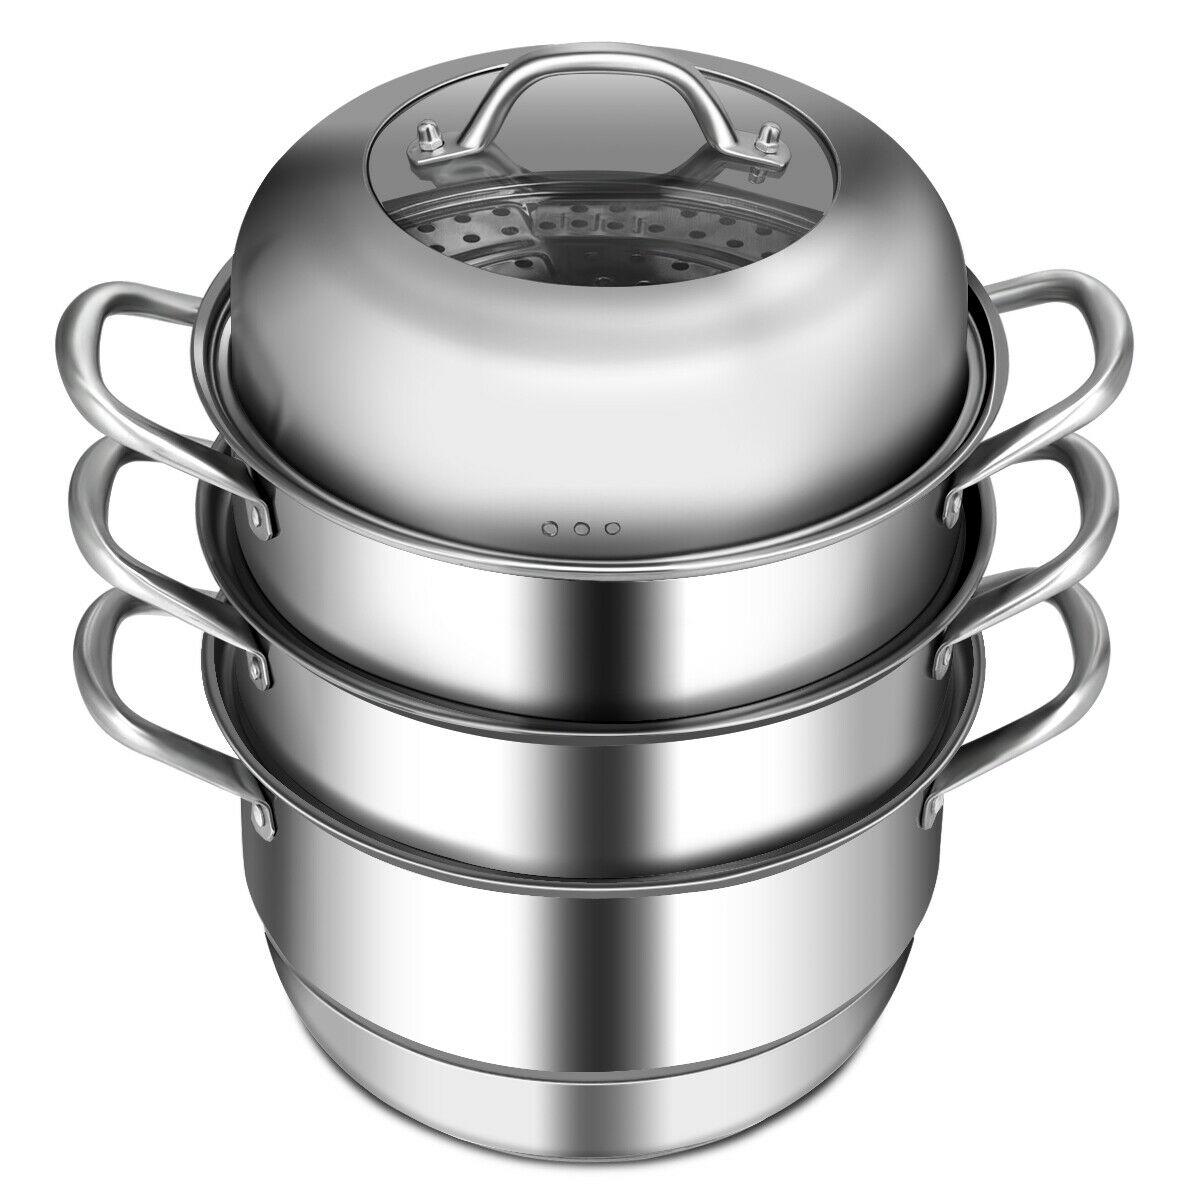 3 Tier Stainless Steel Steamer Set Cookware Pot Saucepot Double Boiler